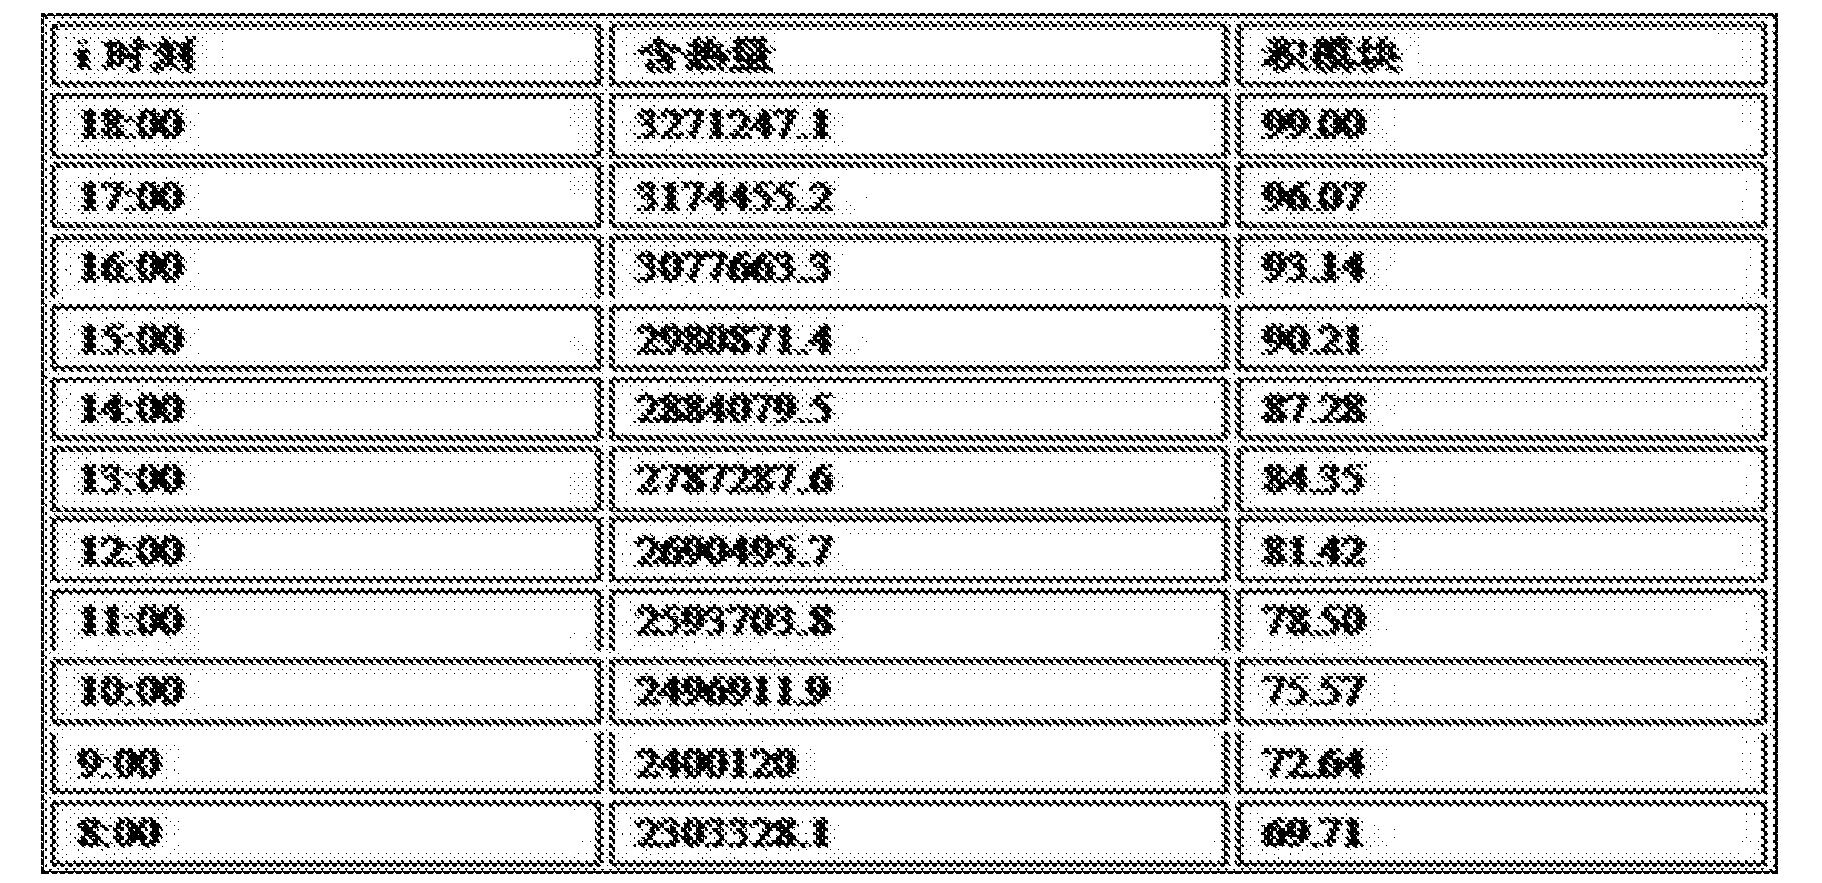 Figure CN105783277BD00072